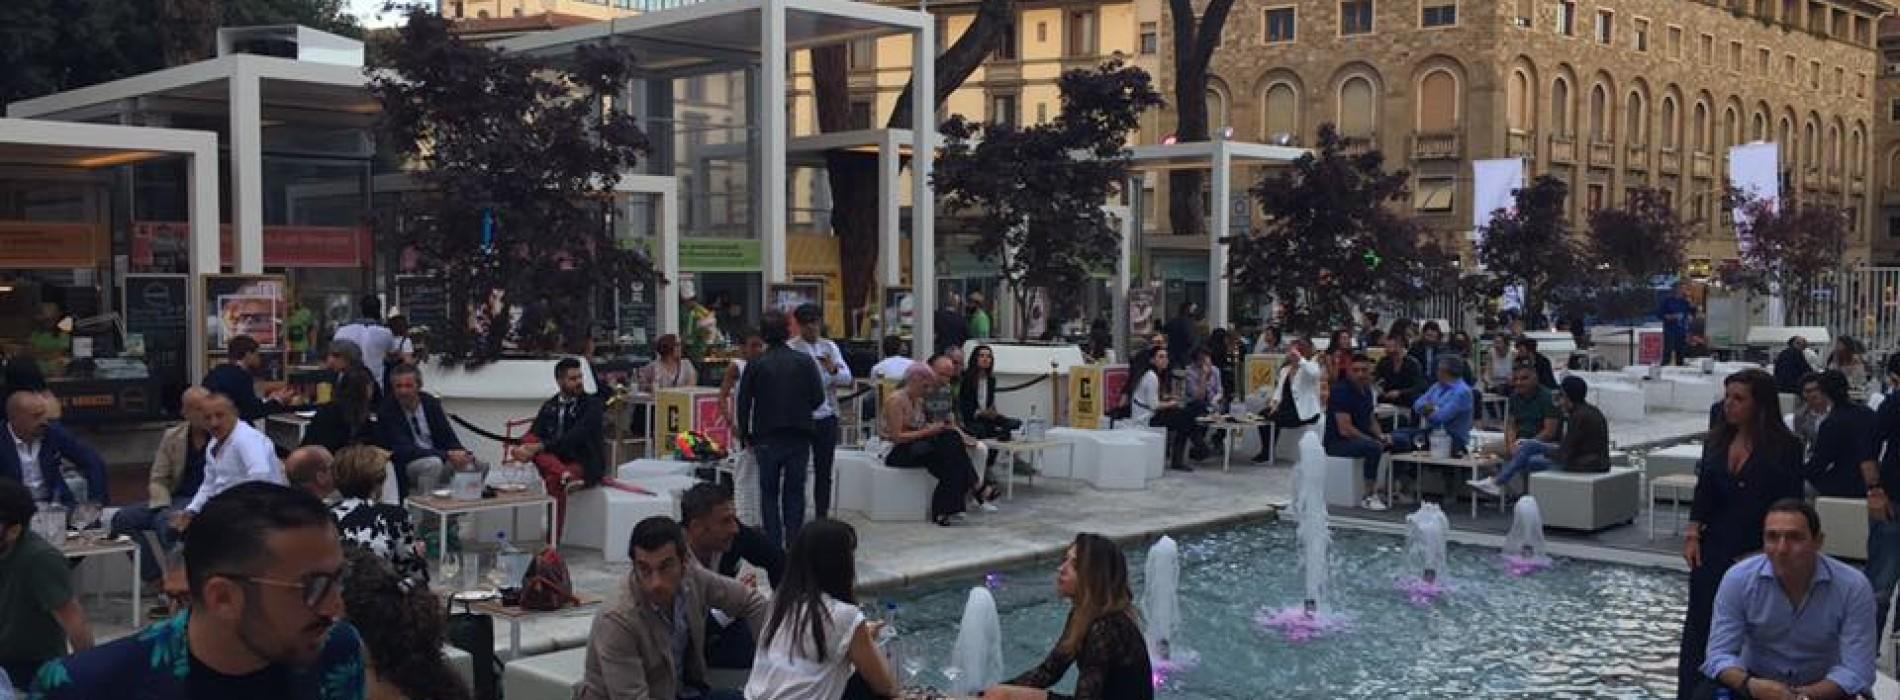 Aperitivi all'aperto Firenze, dieci locali per un drink in terrazza o a bordo piscina per l'estate